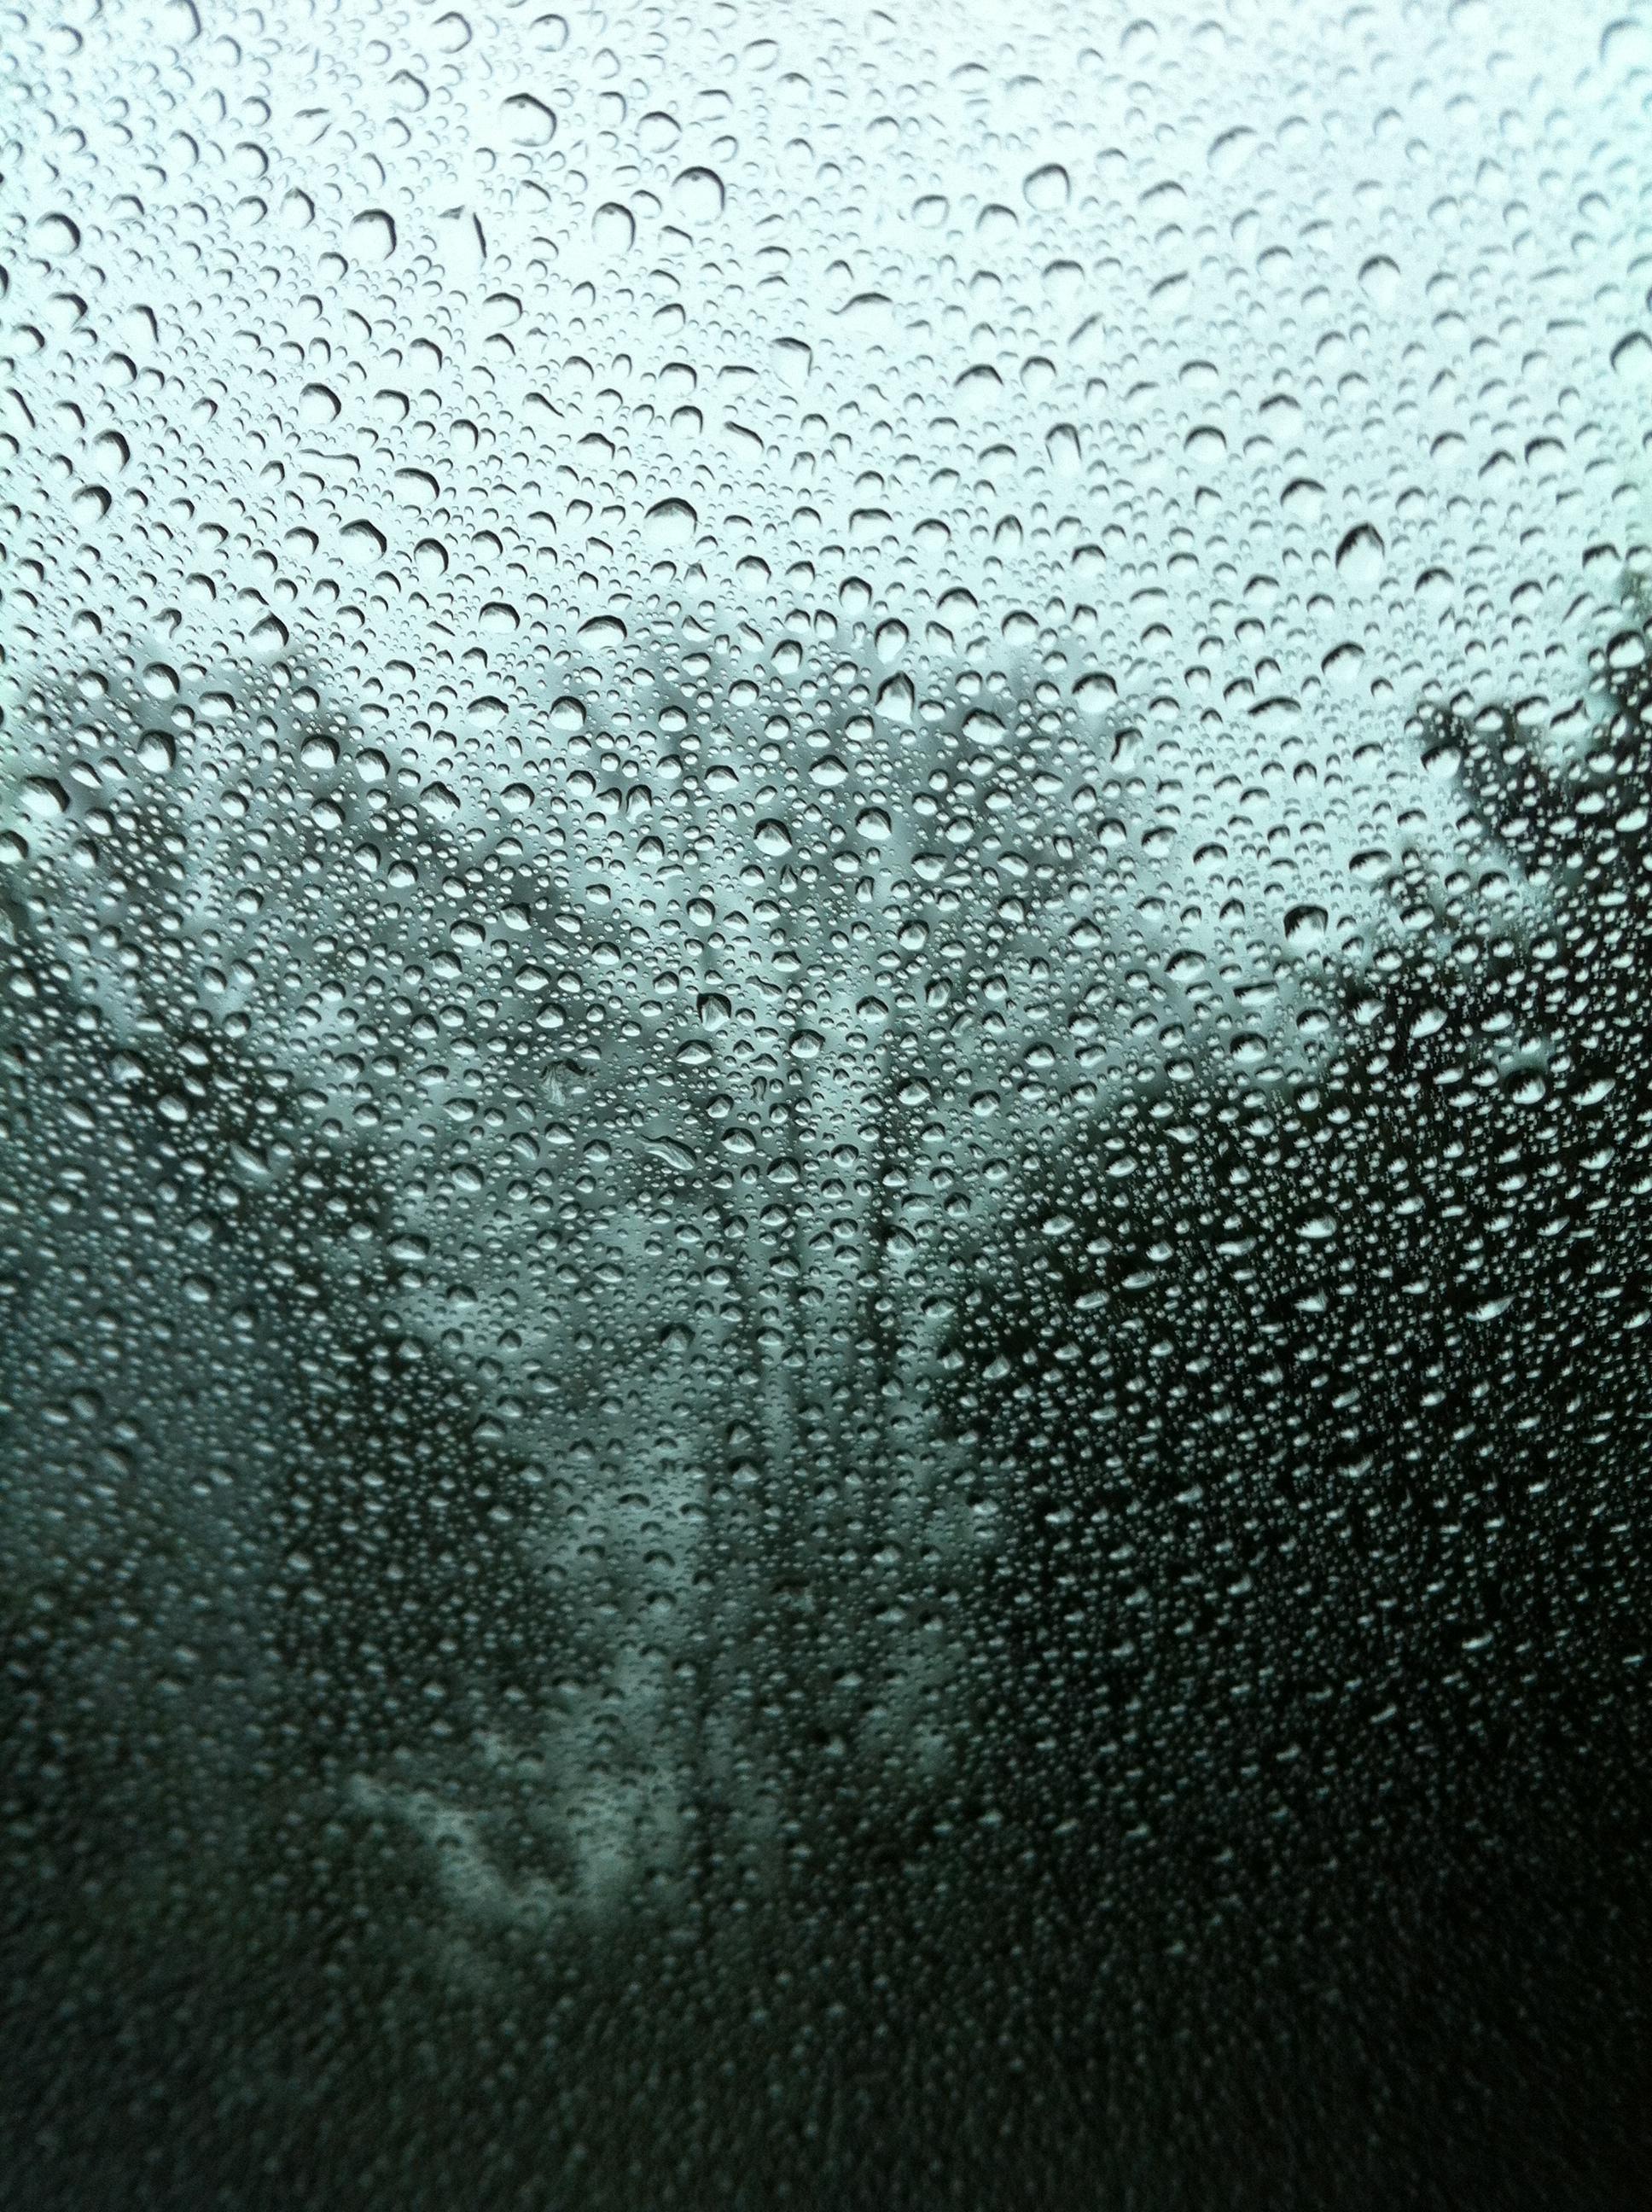 1920x1080 Raindrops Live Wallpaper HD